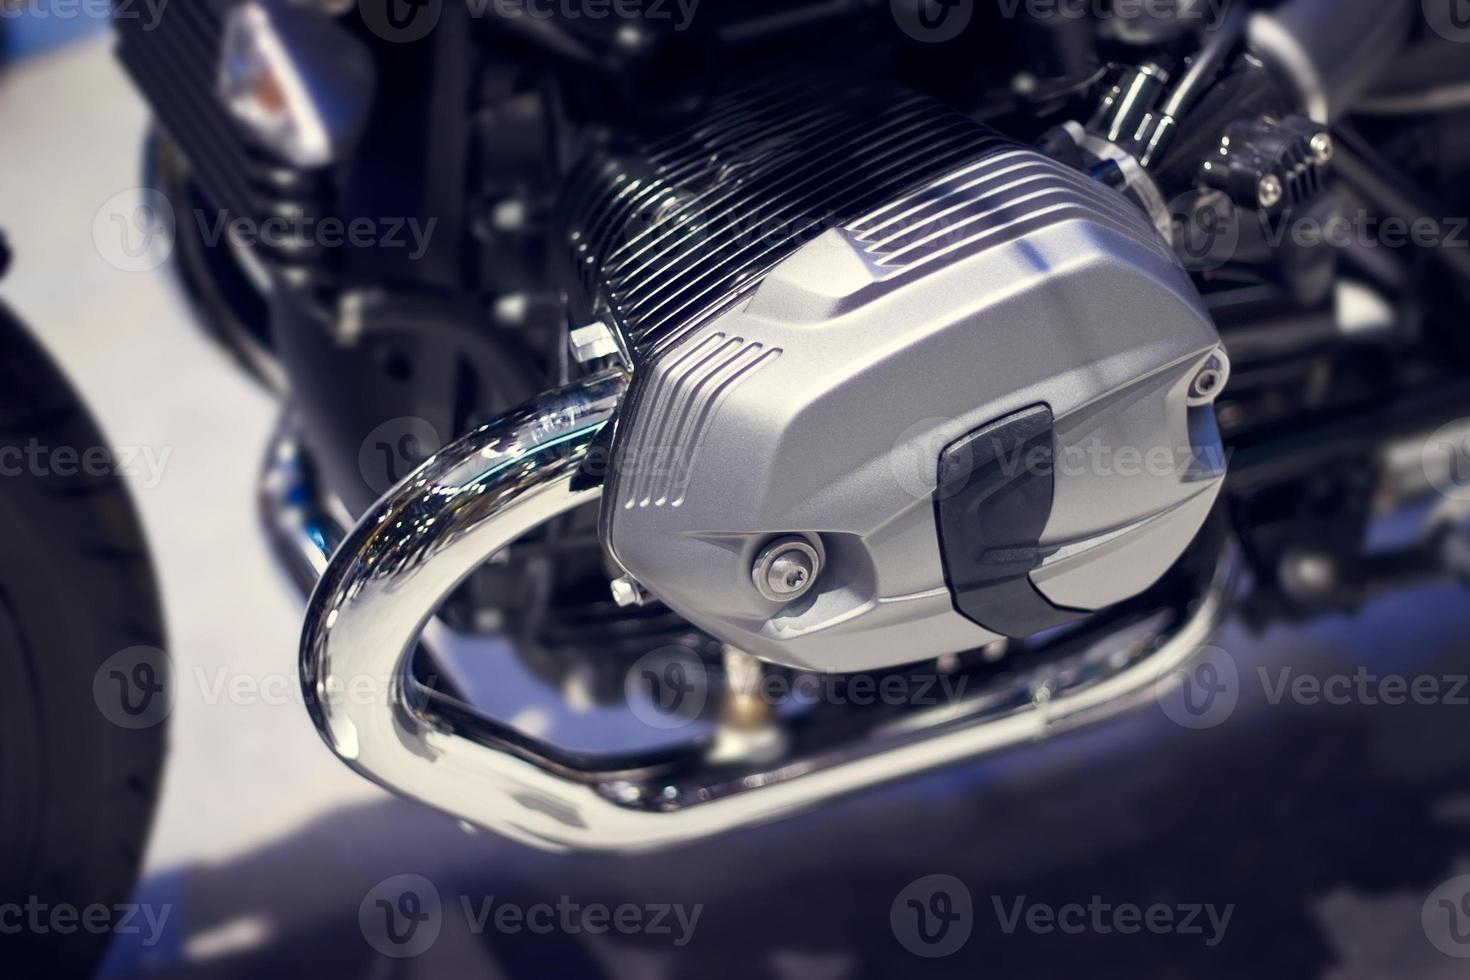 krom modern motorcykel närbild foto